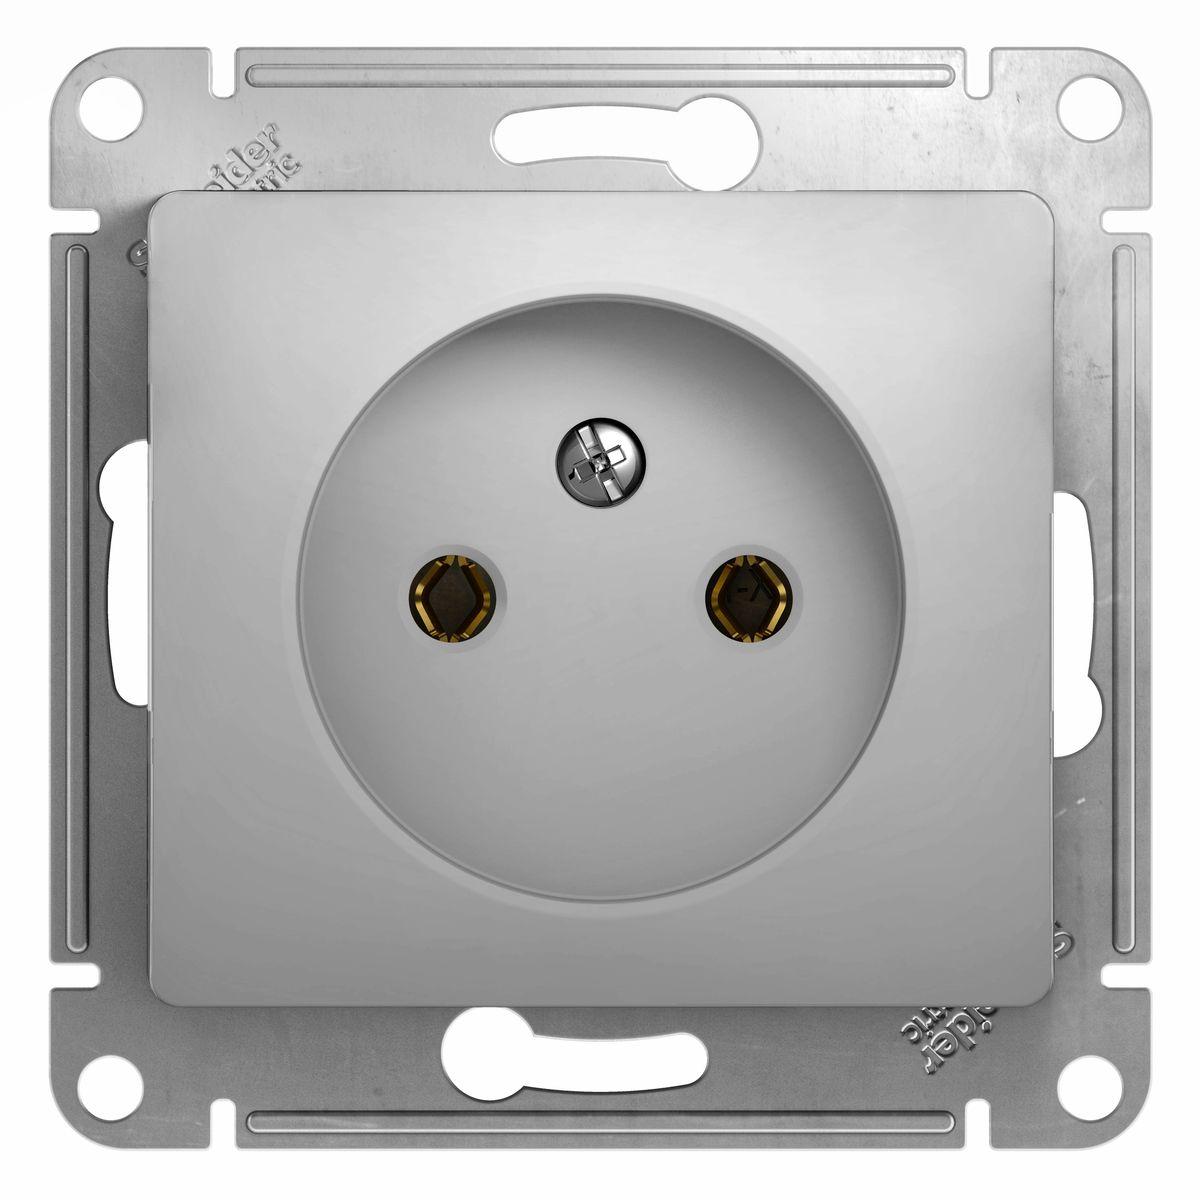 Розетка одинарная Schneider Electric Glossa, цвет: алюминийGSL000341Одинарная розетка Schneider Electric Glossa без заземляющего контакта, скрытой установки, без шторок, имеет винтовые клеммы. Легкая установка. Тип розетки С (евророзетка).